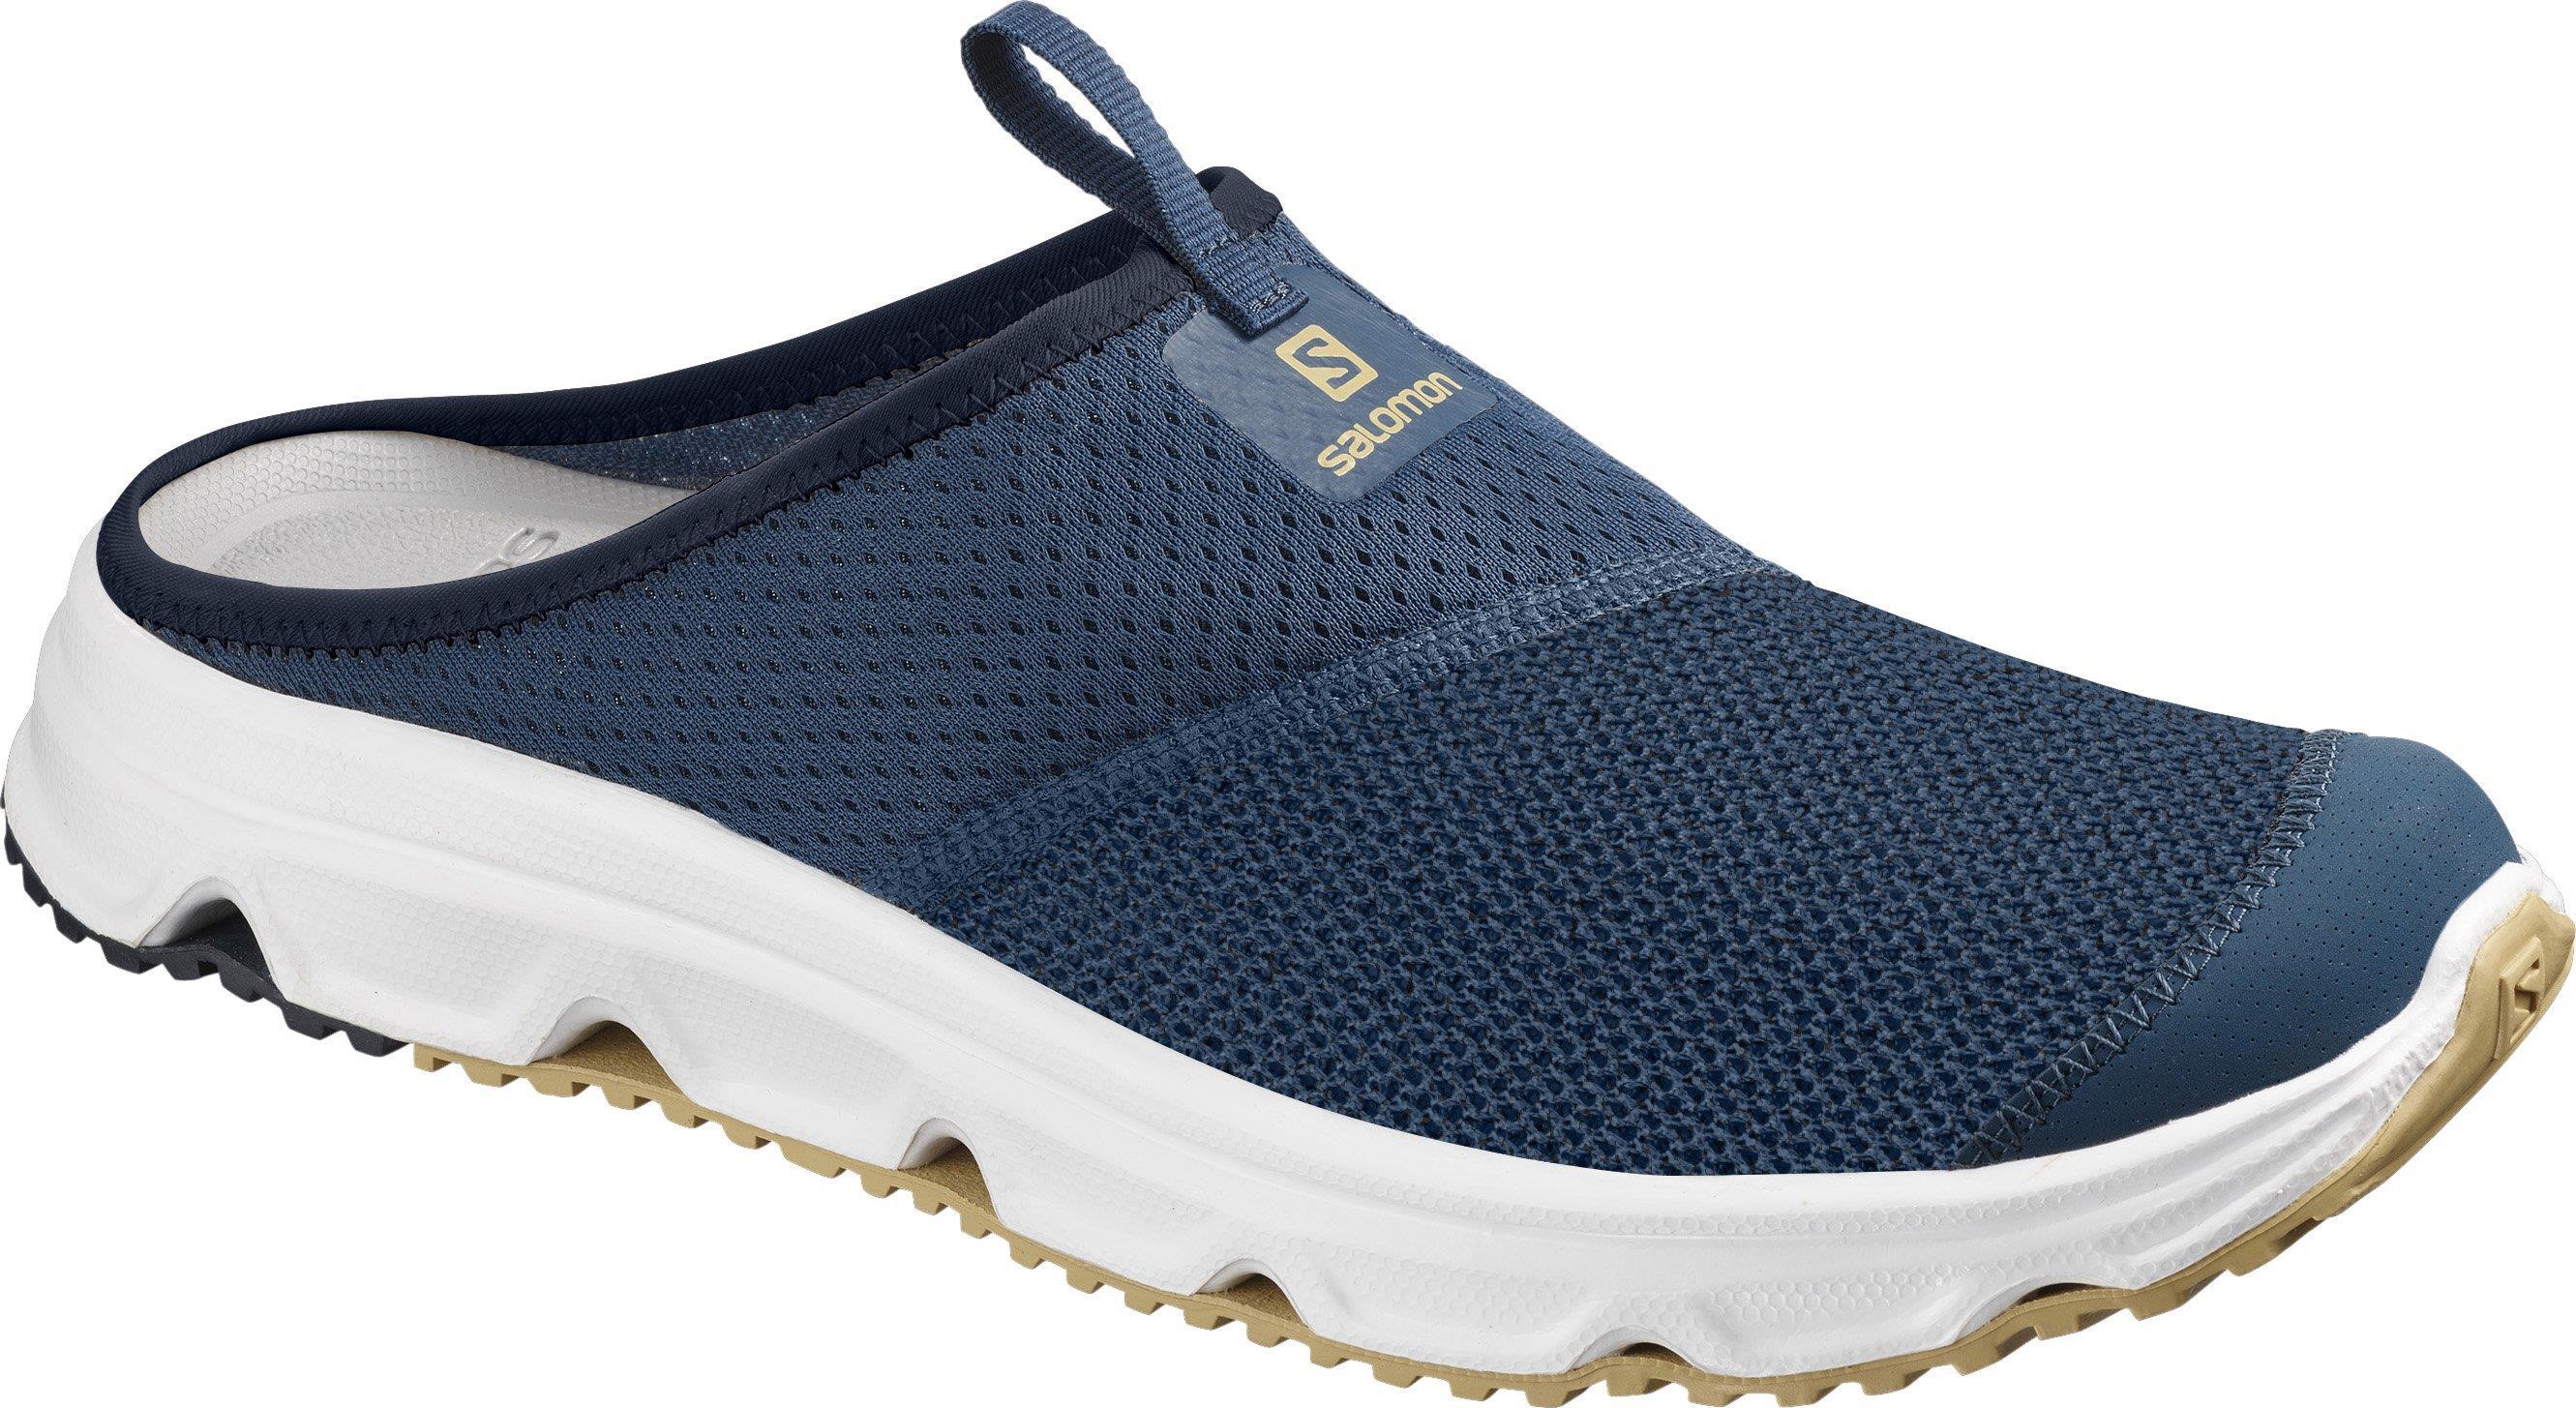 Salomon RX SLIDE 4.0 Erkek Ayakkabısı